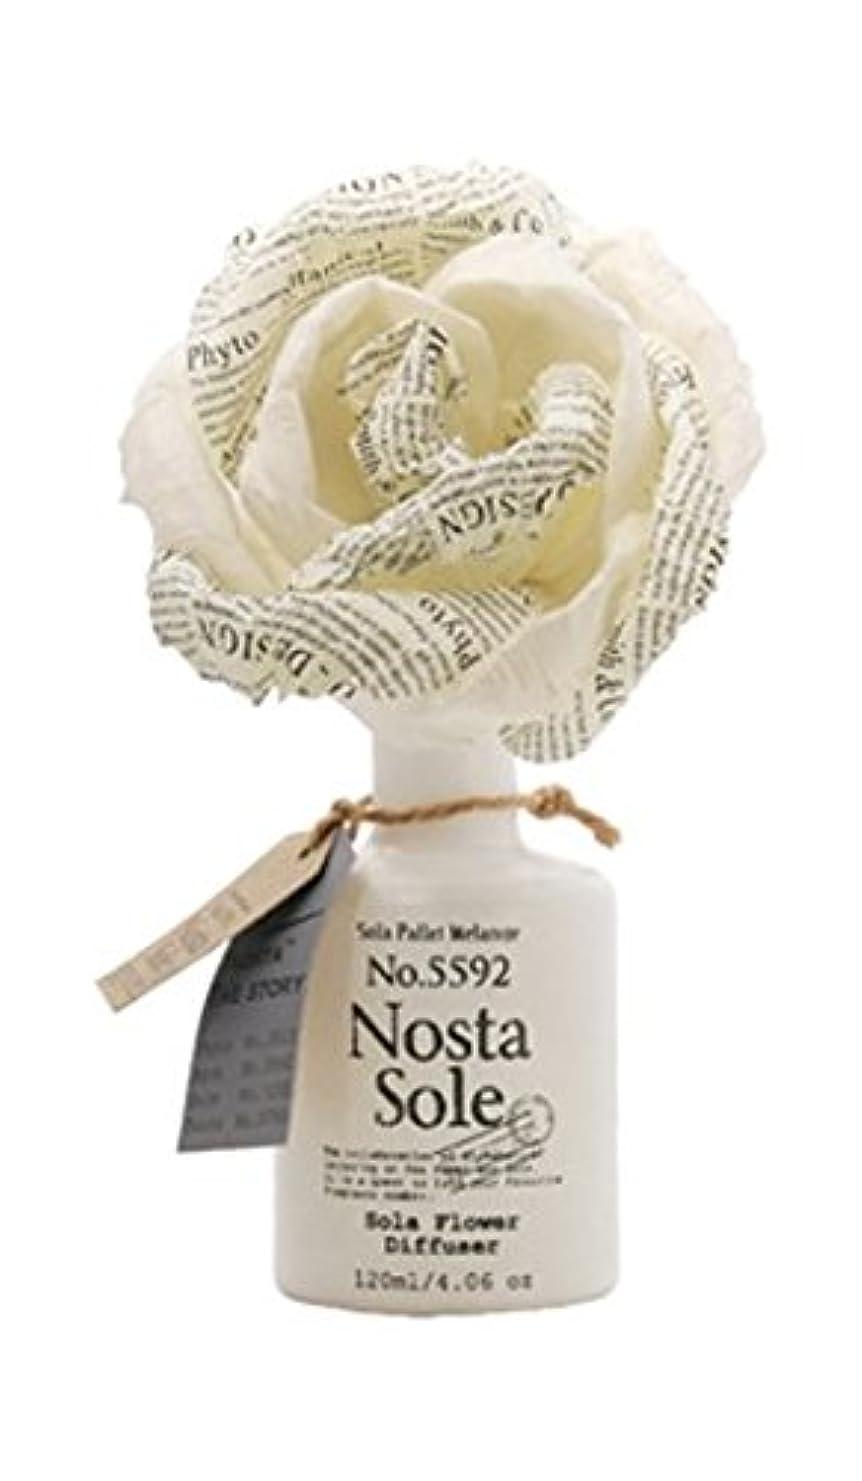 軽くスラム街麦芽Nosta ノスタ Solaflower Diffuser ソラフラワーディフューザー Sole ソーレ/太陽